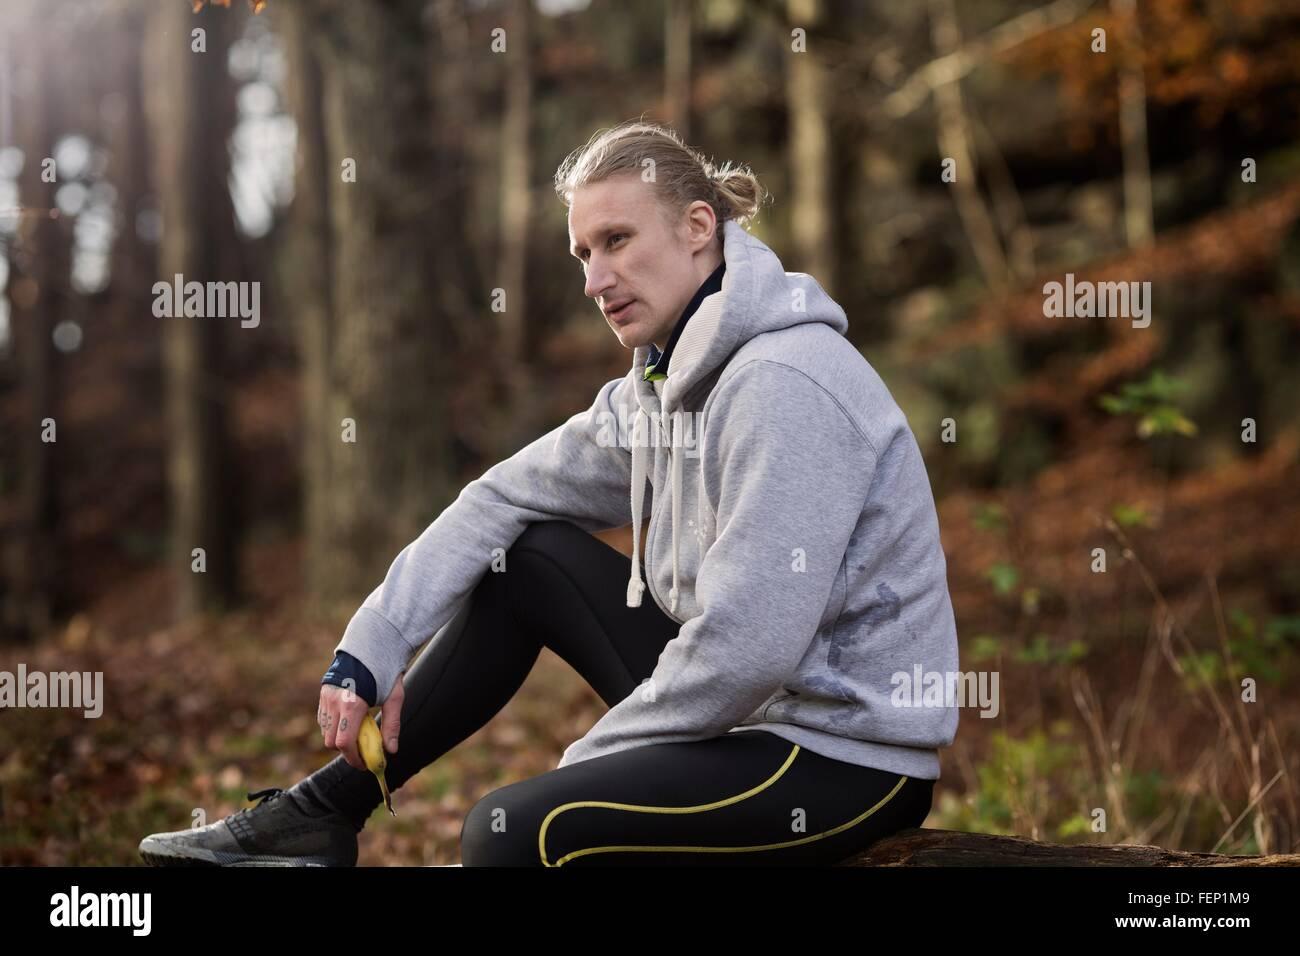 Metà uomo adulto di indossare abbigliamento sportivo azienda banana guardando lontano Immagini Stock